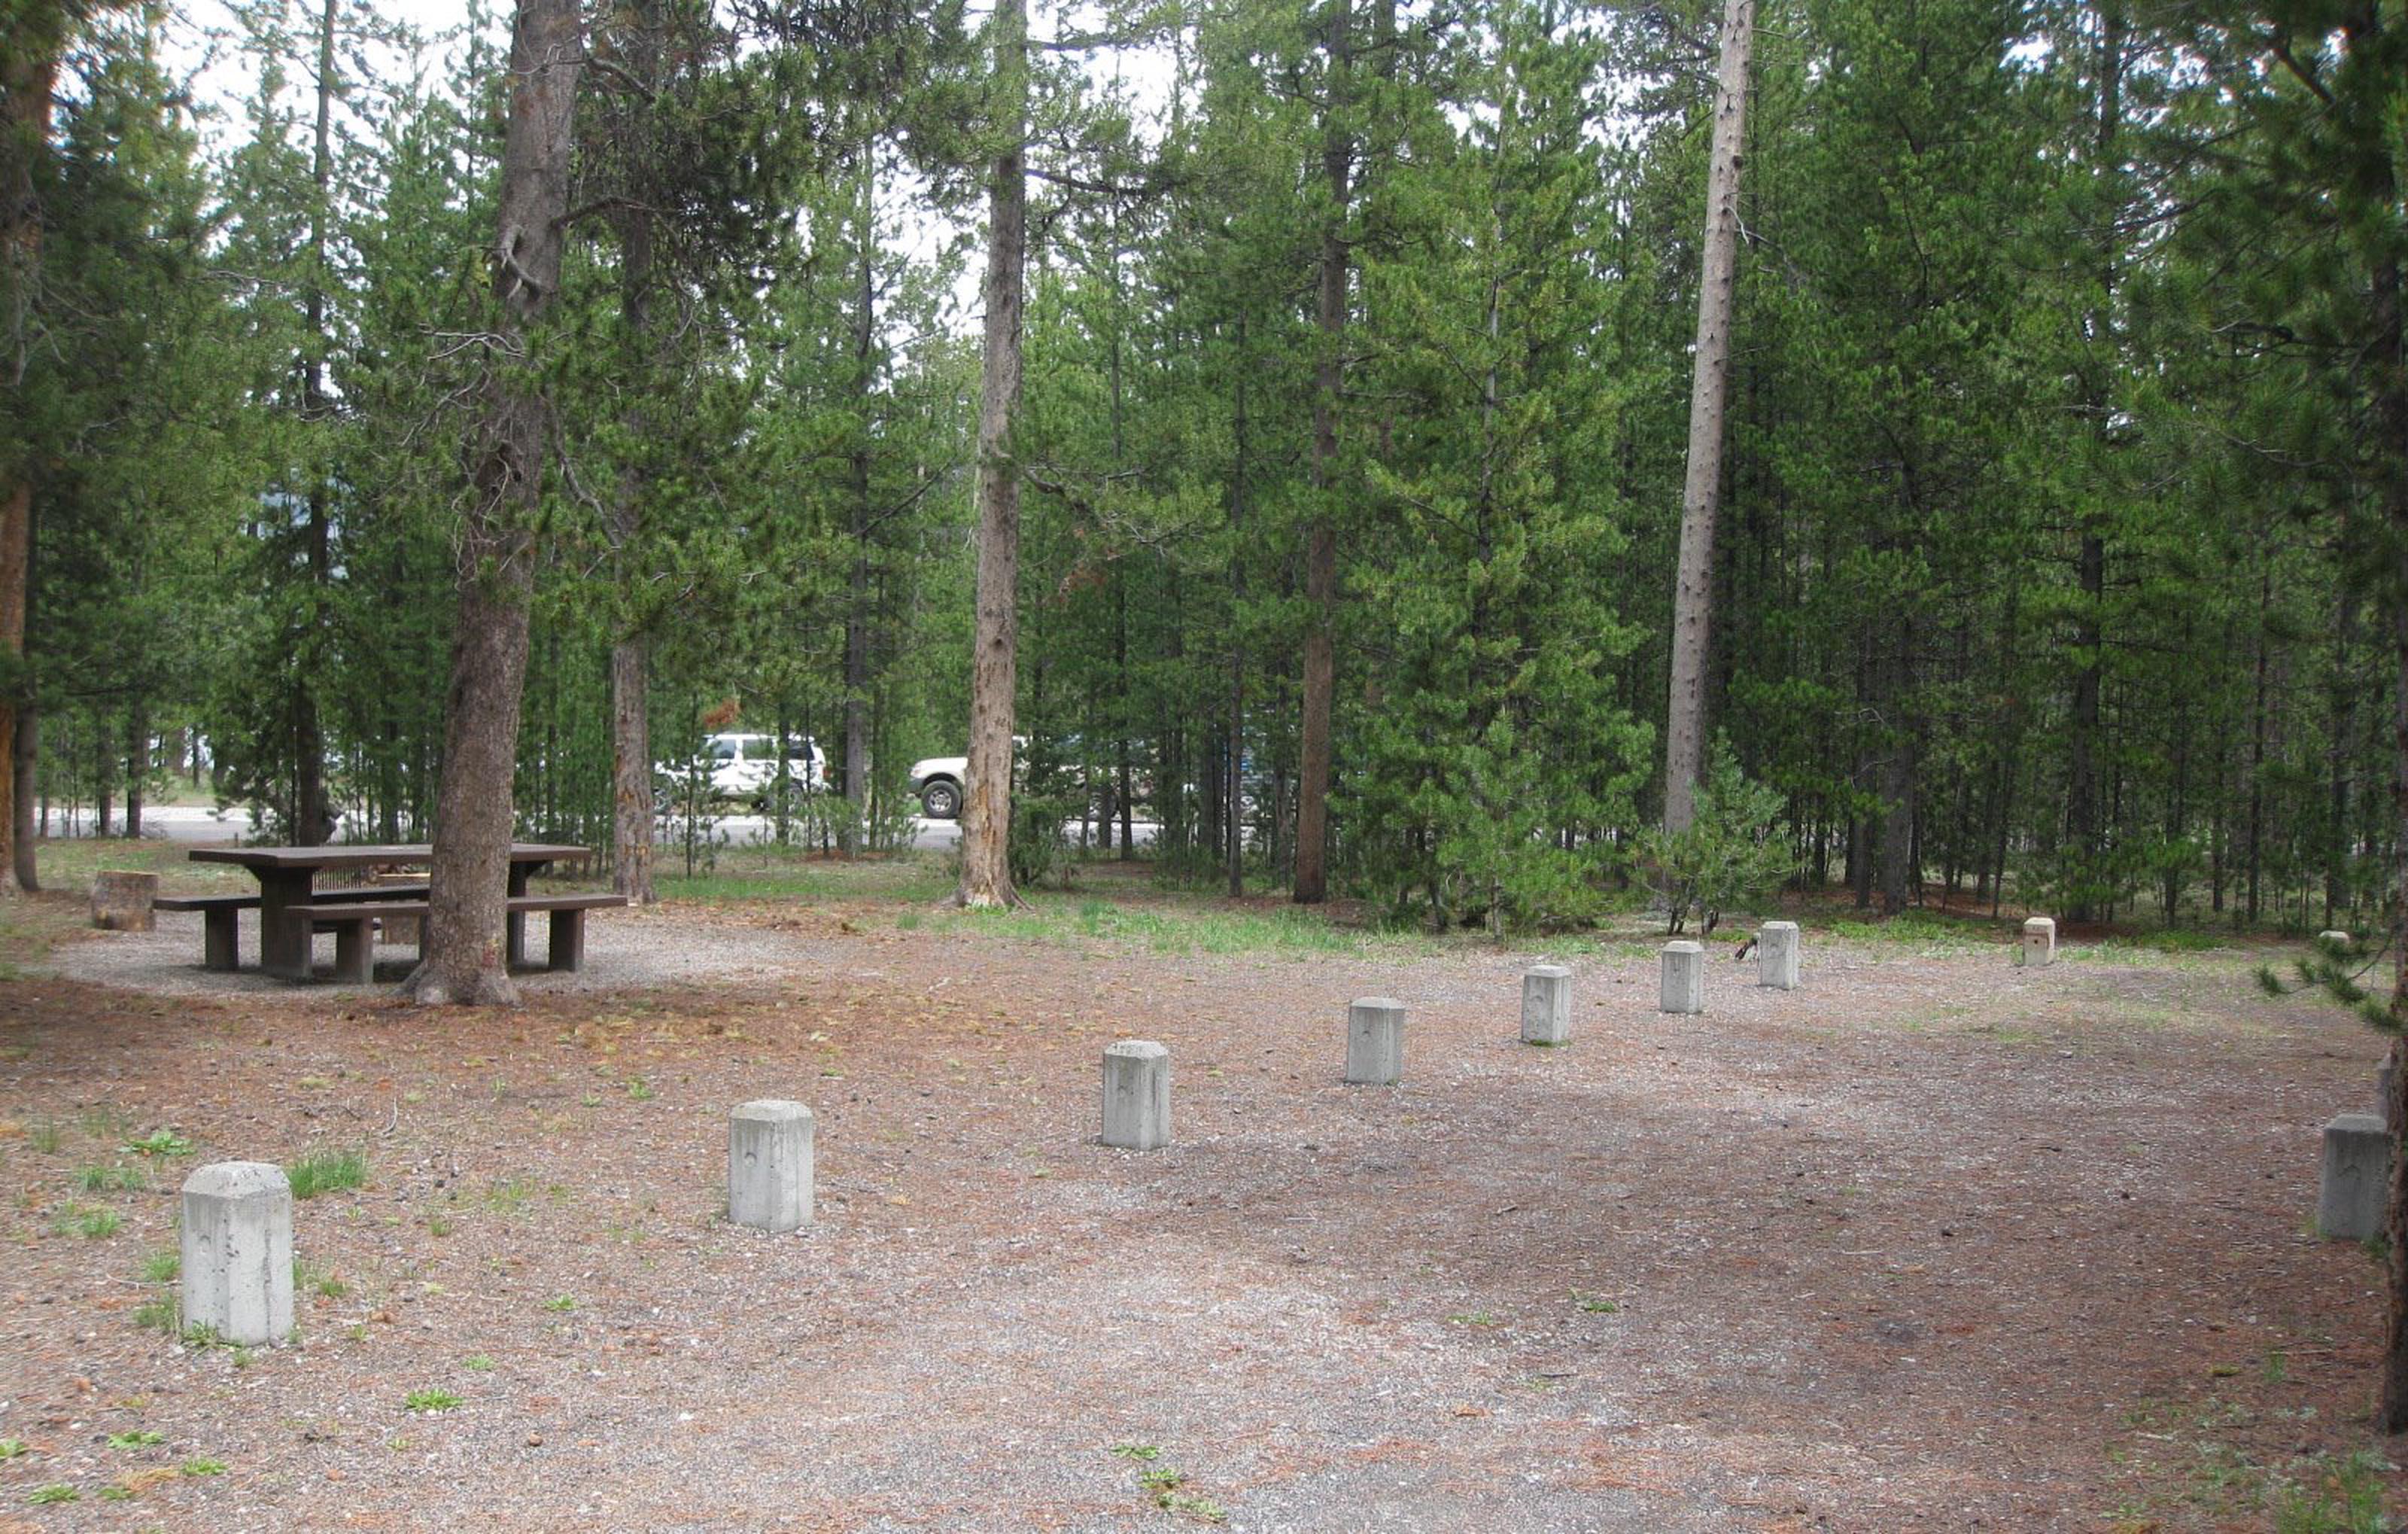 Site A19